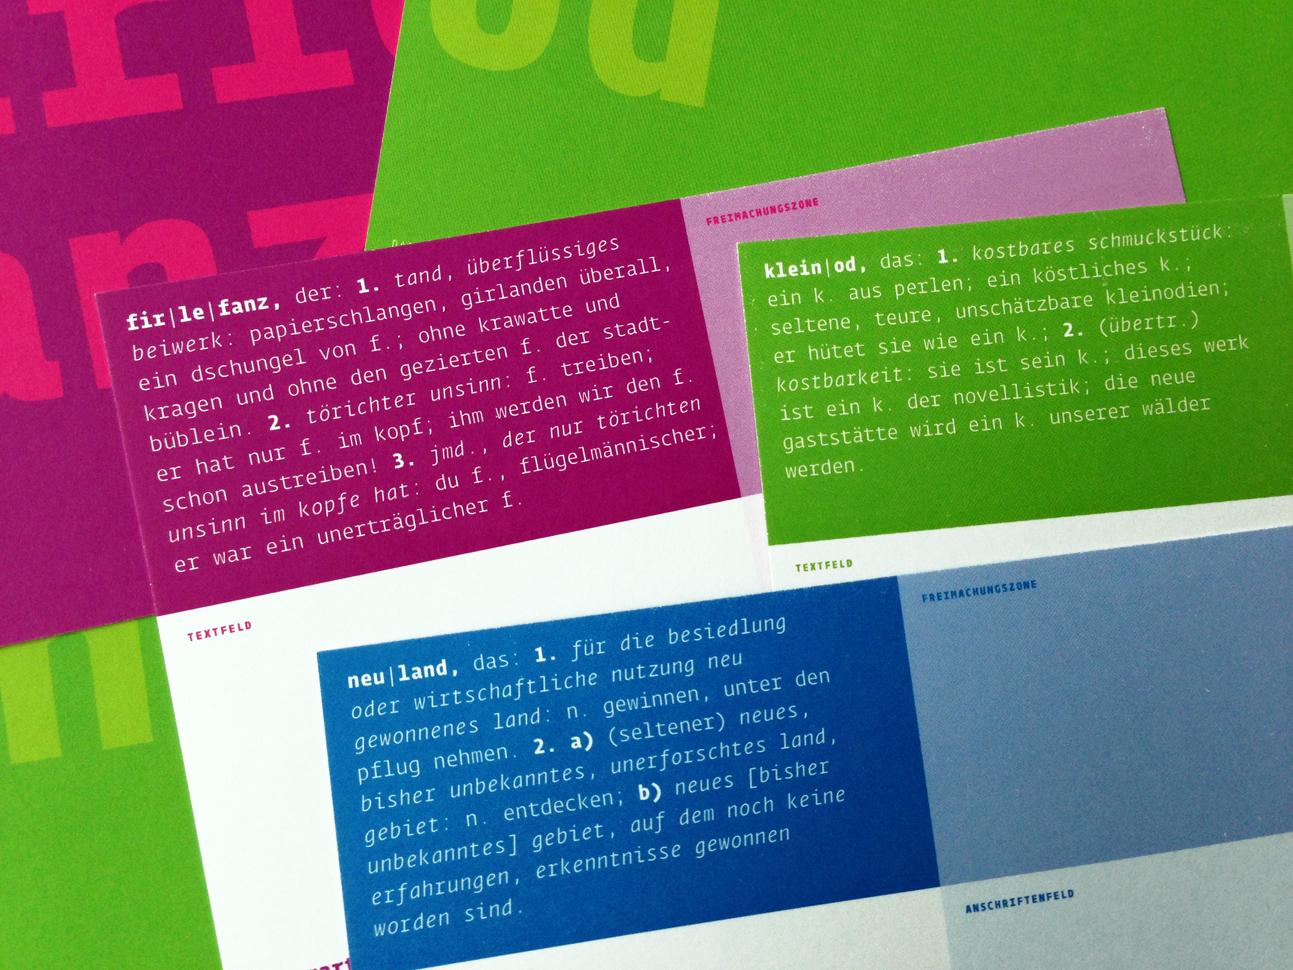 postkarte, 148x105 mm, 170g, 4/4-farbig diese entwürfe von martin zech design sind ohne auftraggeber entstanden und in kleinen exklusiven auflagen erhältlich.